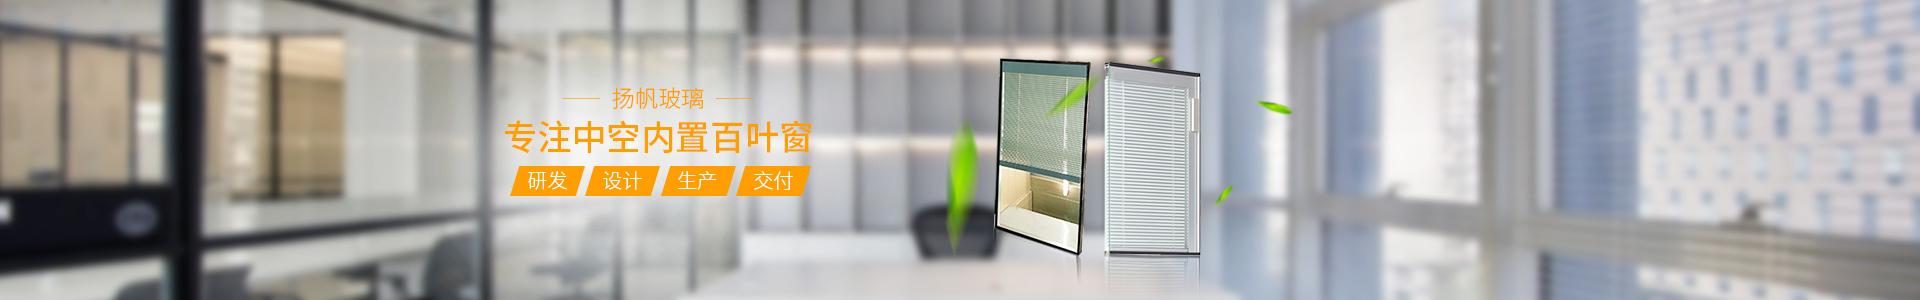 中空内置百叶节能玻璃